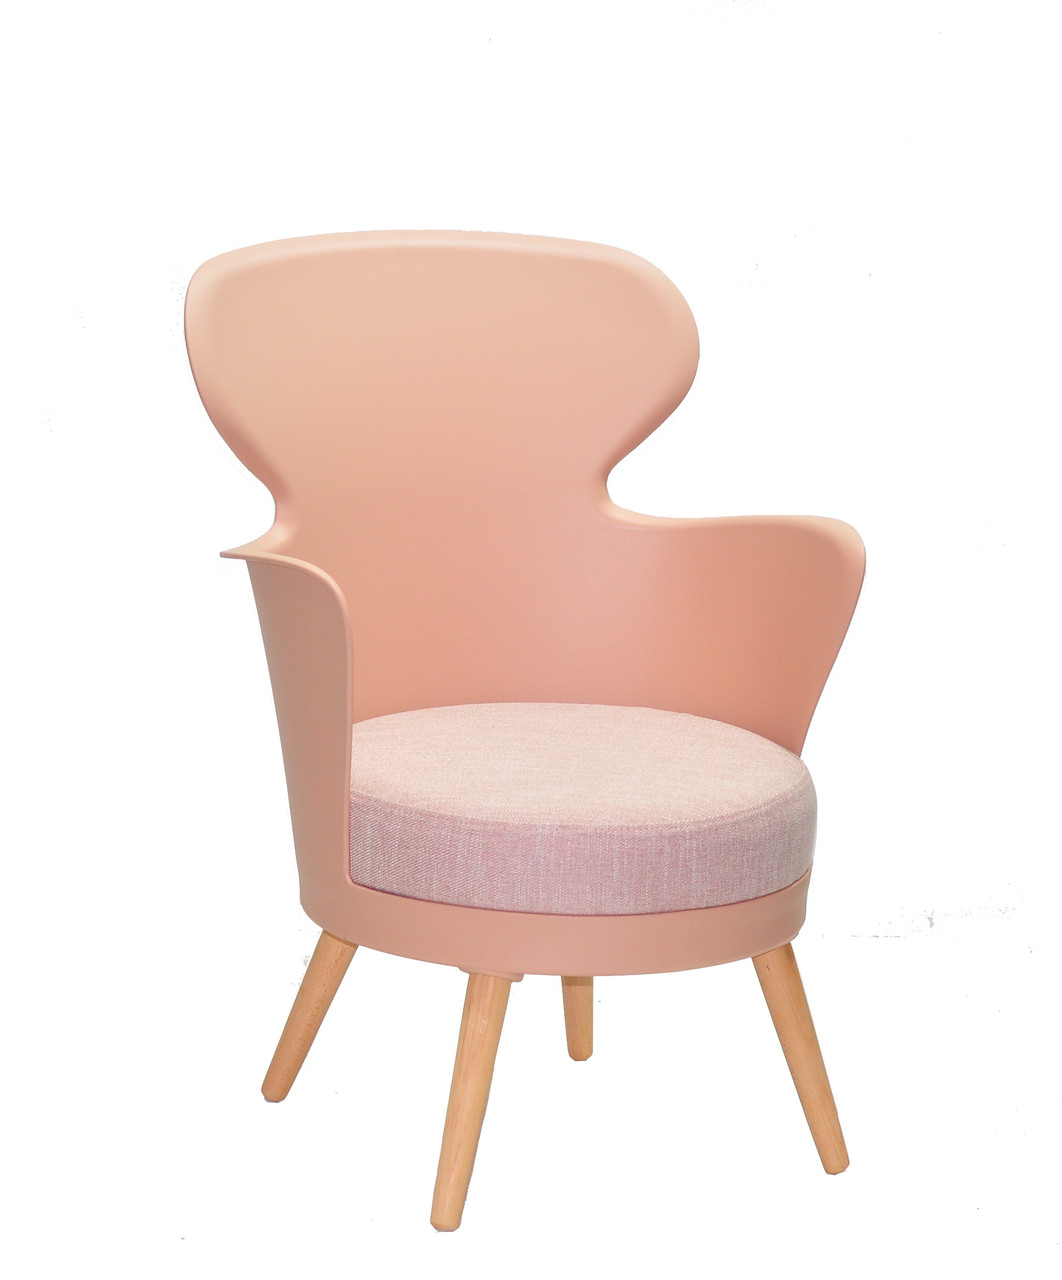 Стілець-крісло в скандинавському стилі пластиковий на букових ніжках з м'яким сидінням Armin ,колір рожевий 68